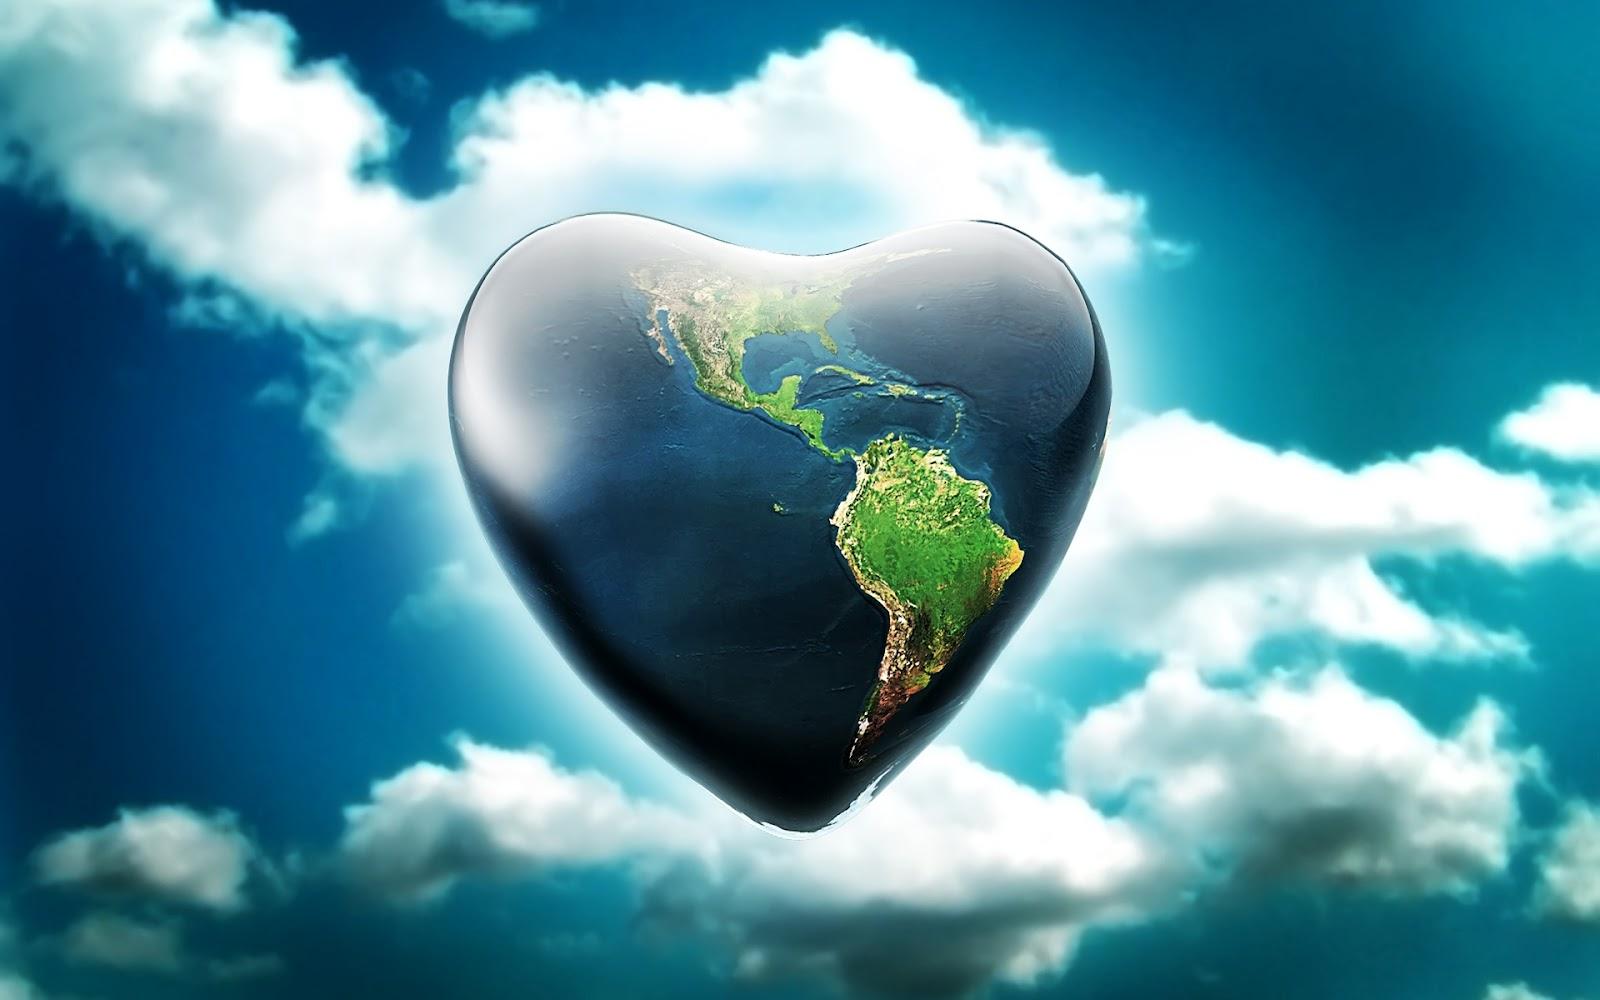 http://4.bp.blogspot.com/-wUMihvibWqQ/UEy47XIyAQI/AAAAAAAAFHM/o_LwmLYt9_k/s1600/Earth_Heart_+1200.jpg